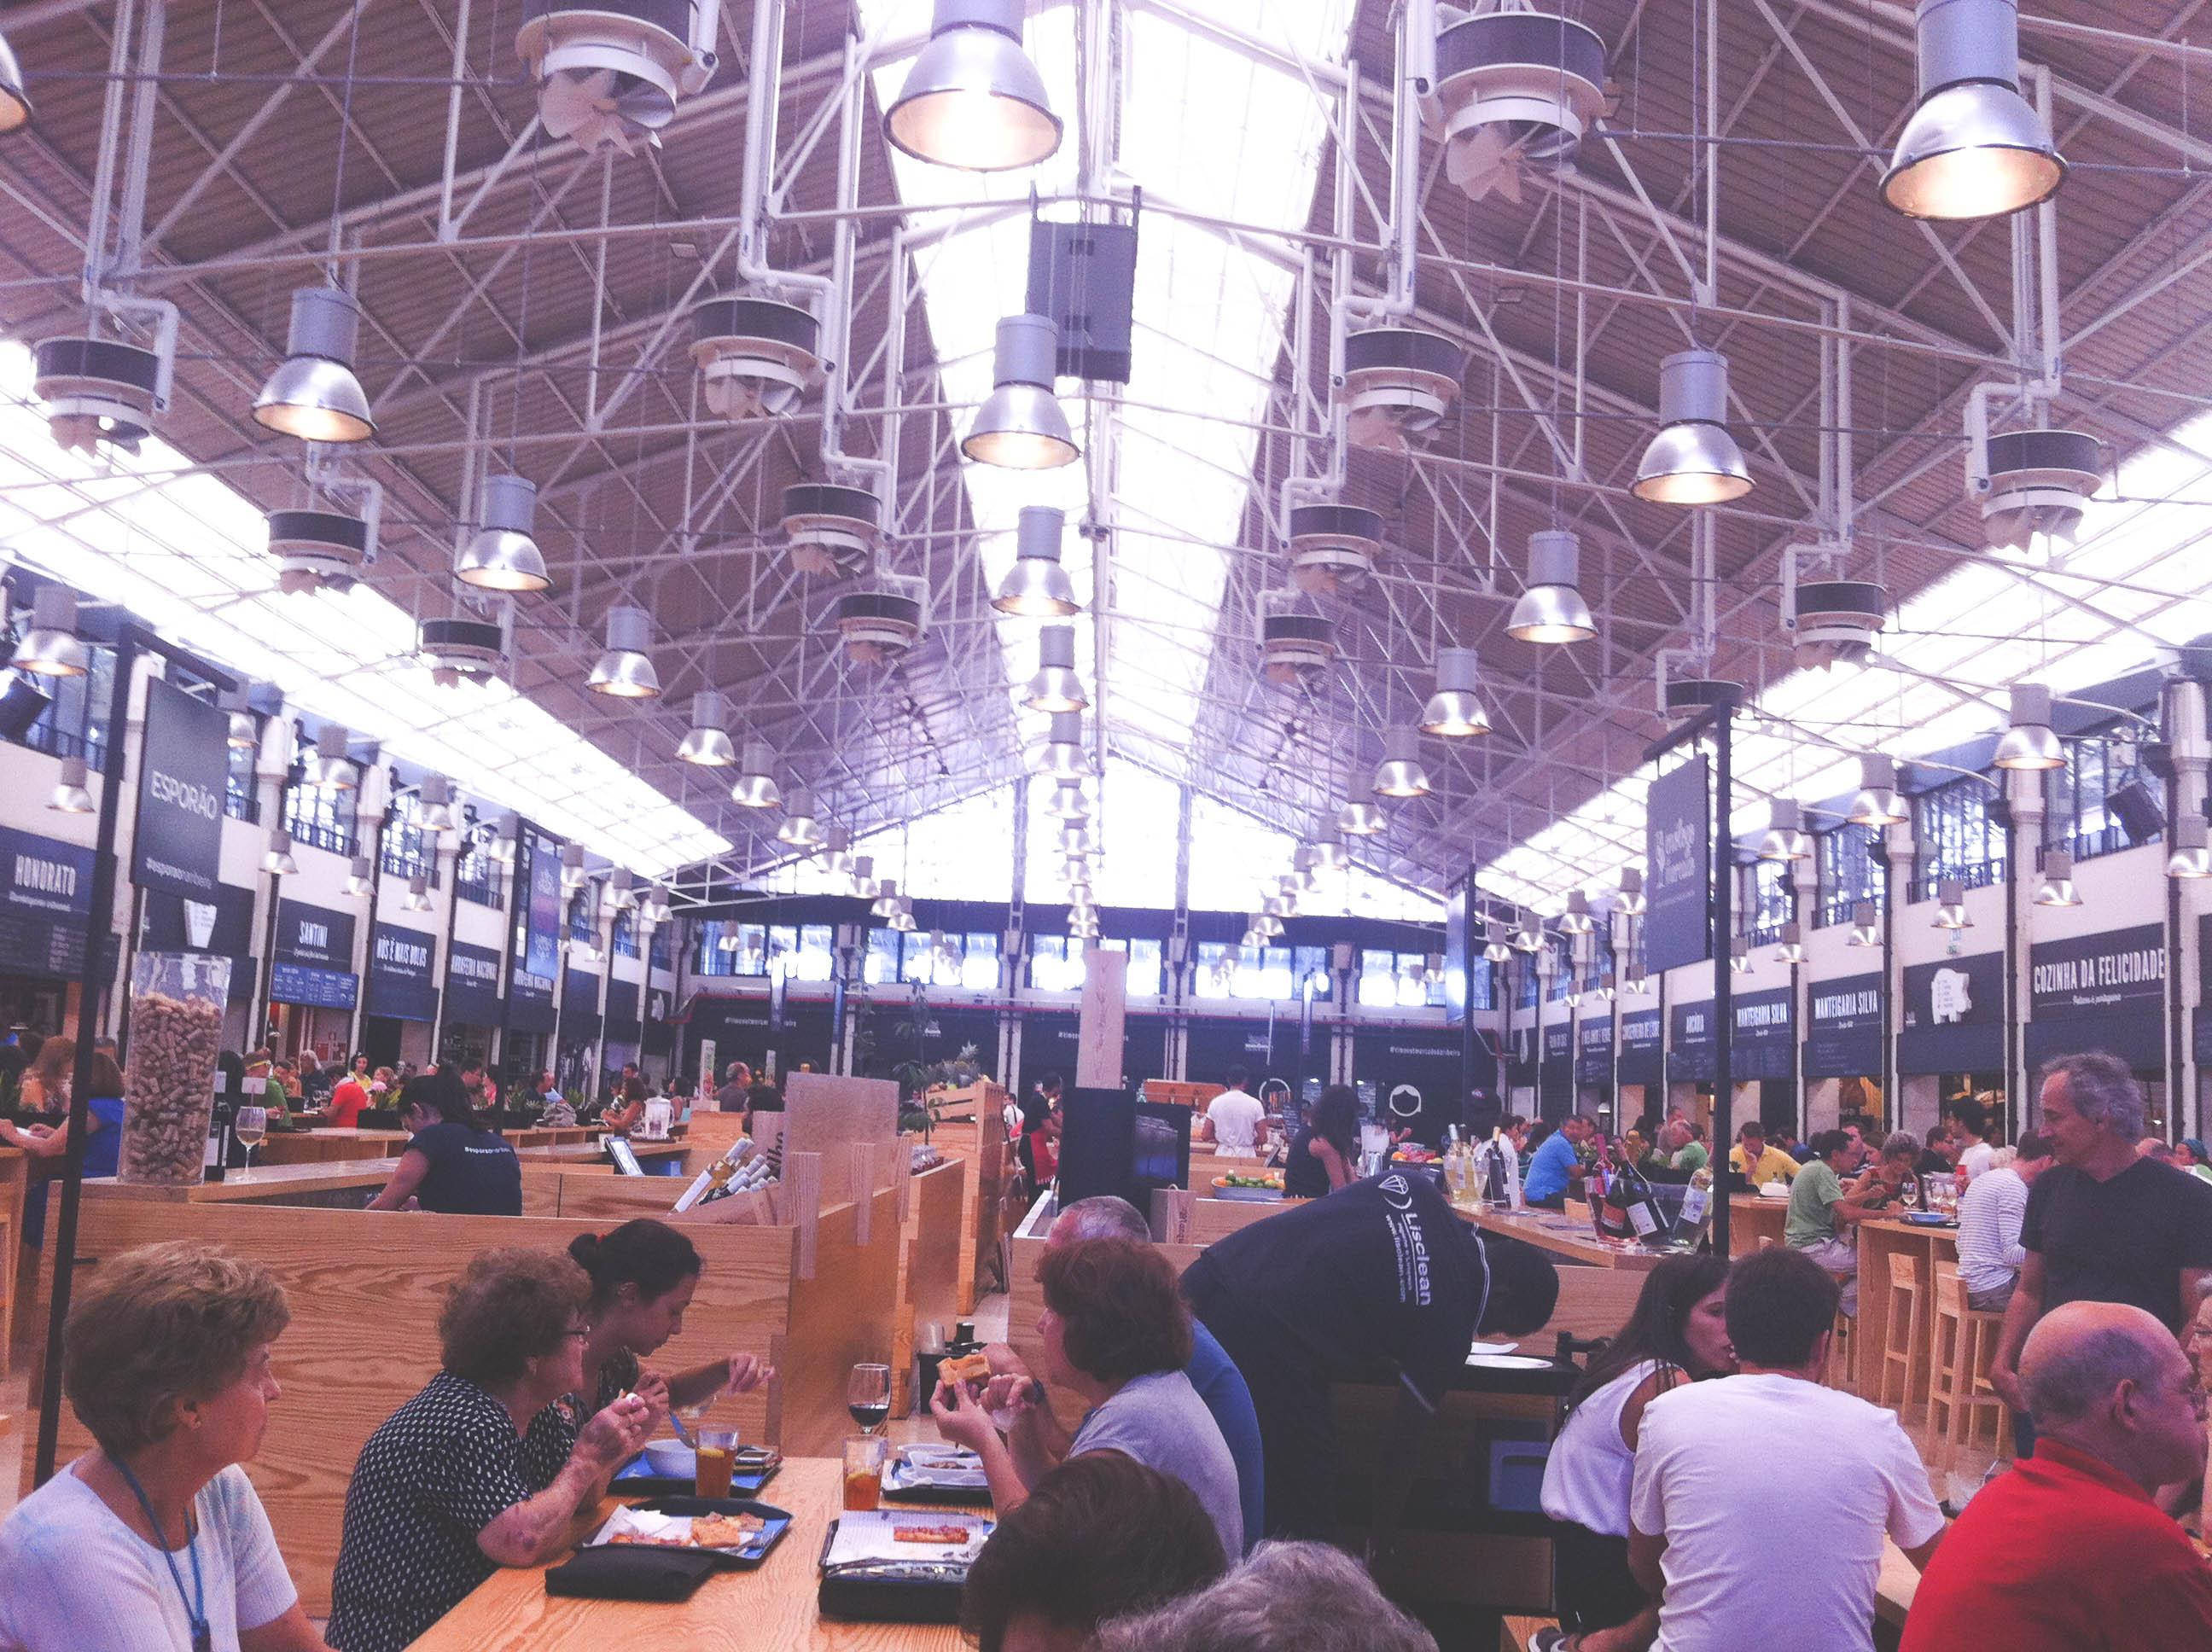 A taste of Lisbon in Mercado da Ribeira